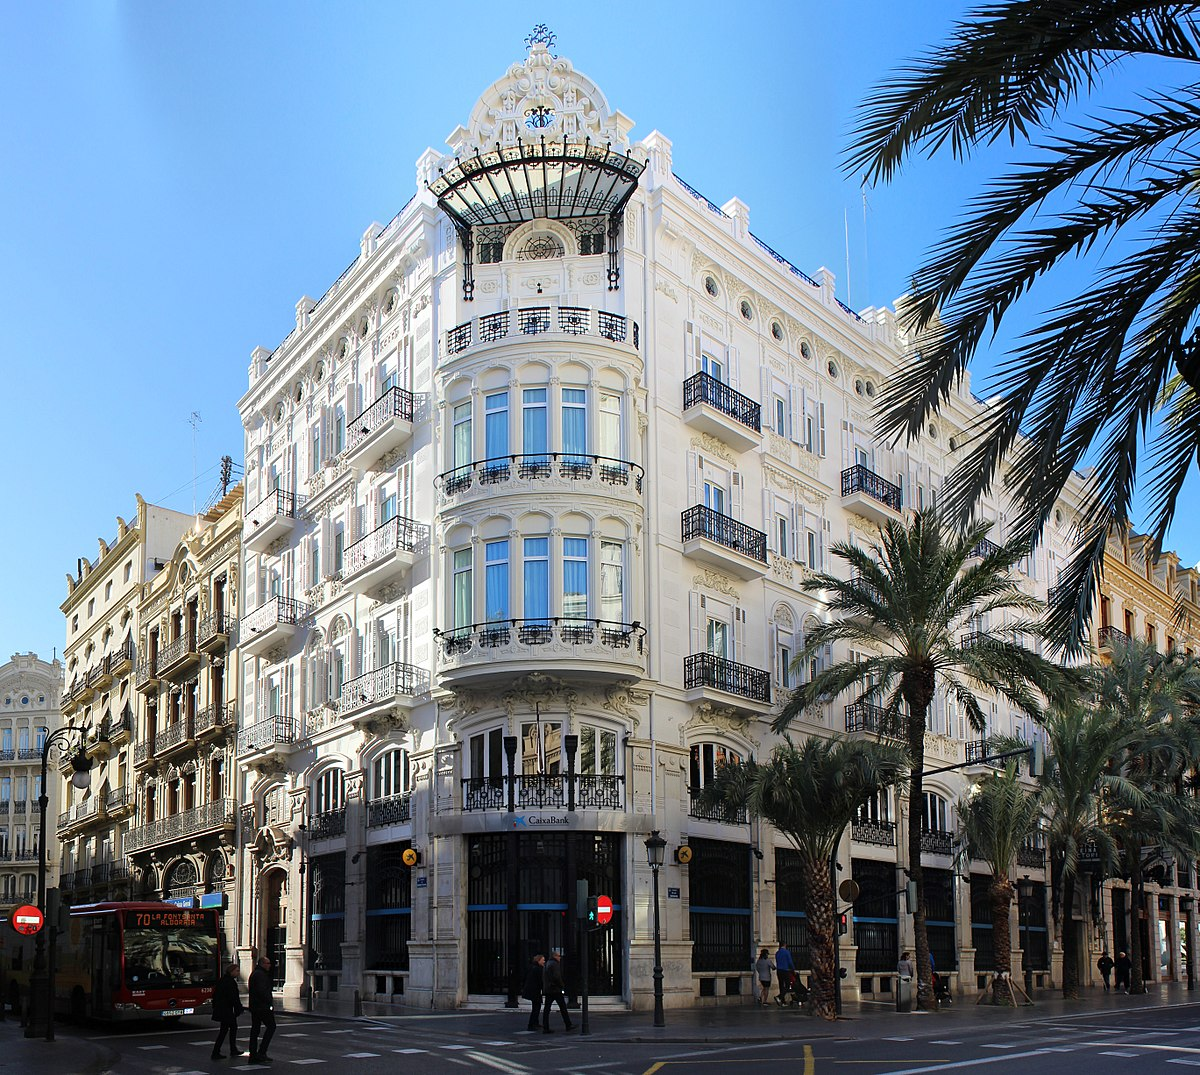 Valencia Hotel La Jolla